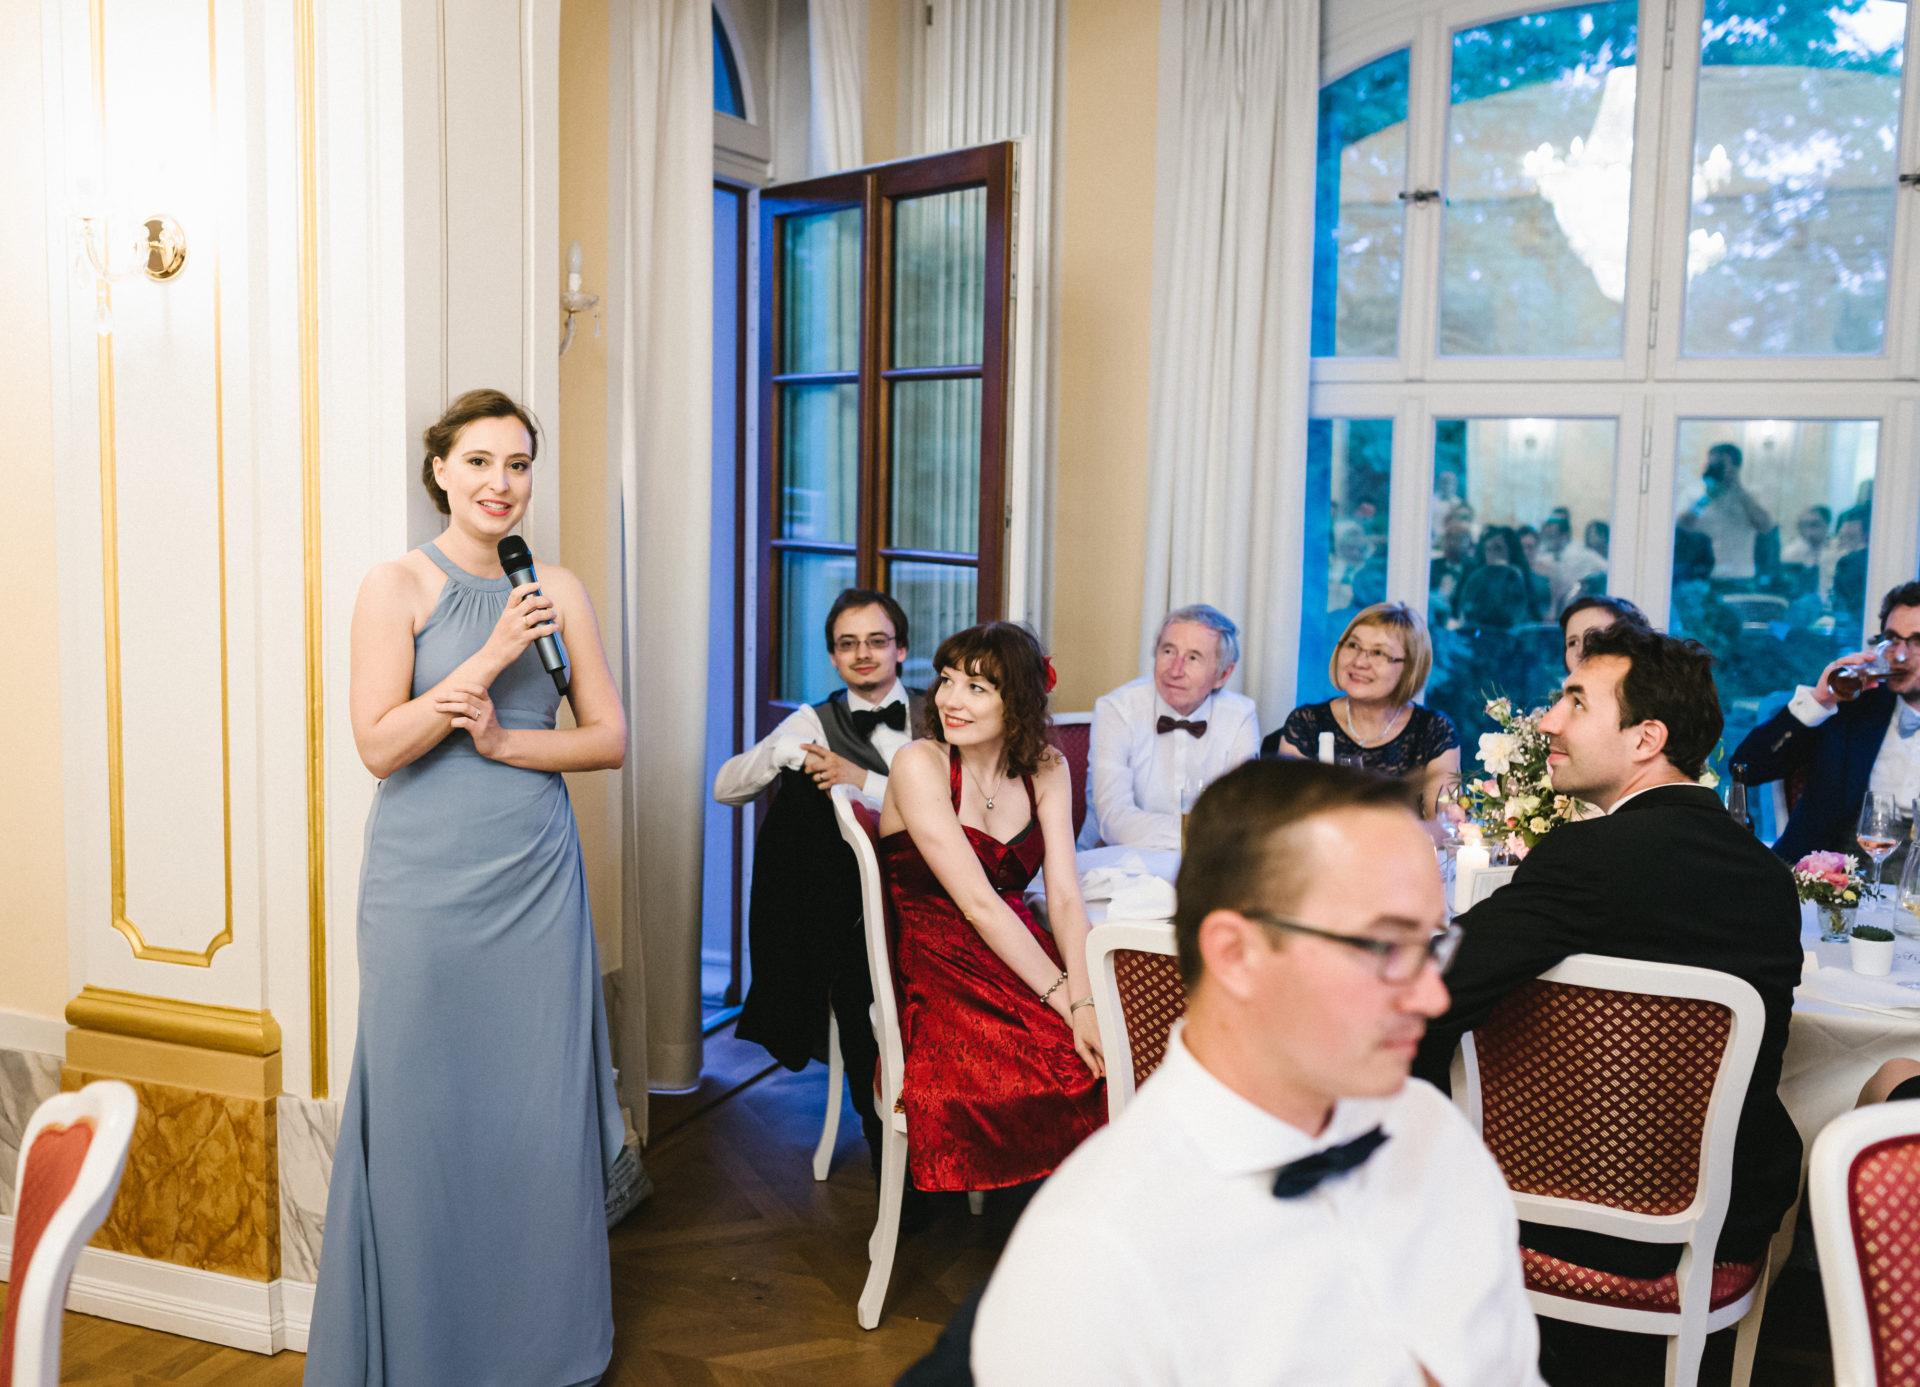 Hochzeitsreportage | Freie Trauung im Herrenhaus Möckern in Leipzig | 47